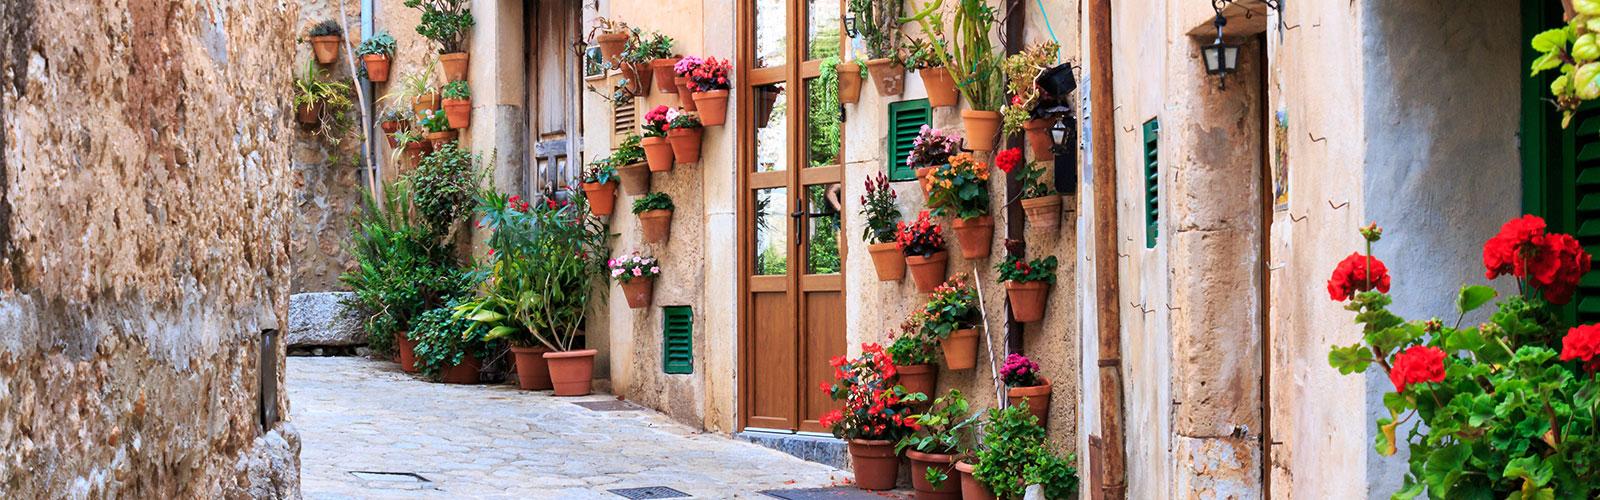 Altstadt auf Mallorca